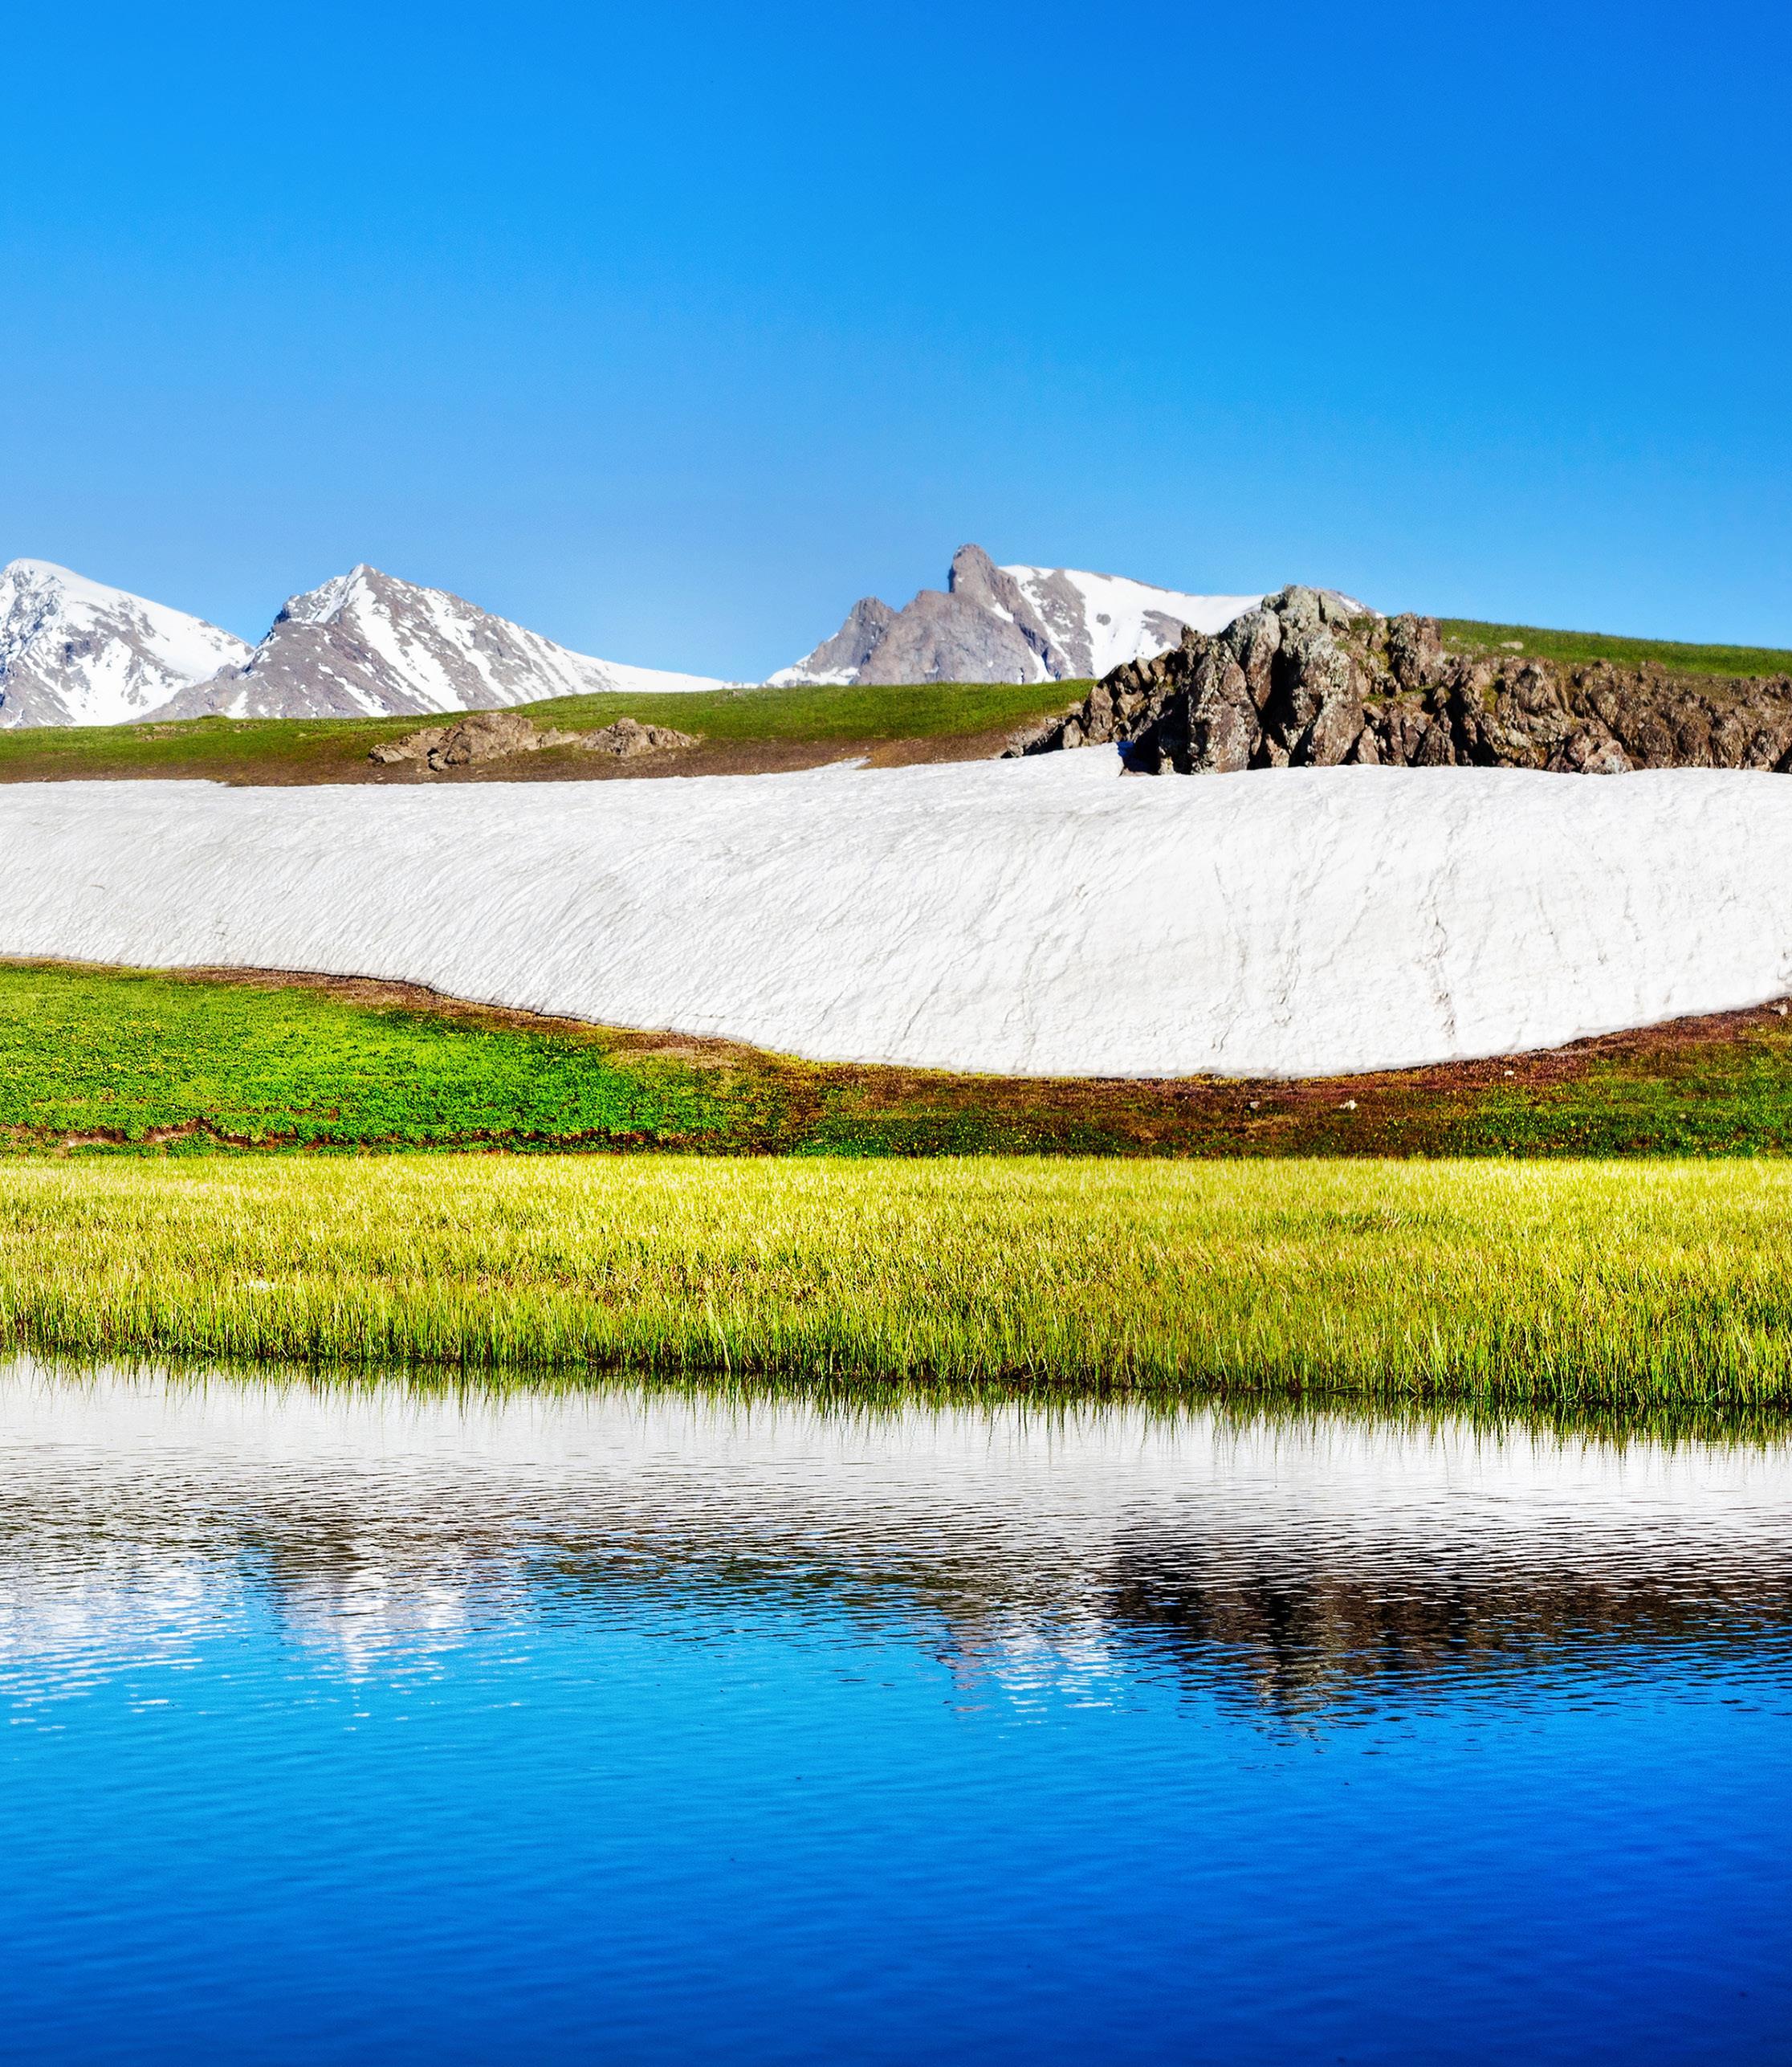 озеро алаколь казахстан фото было